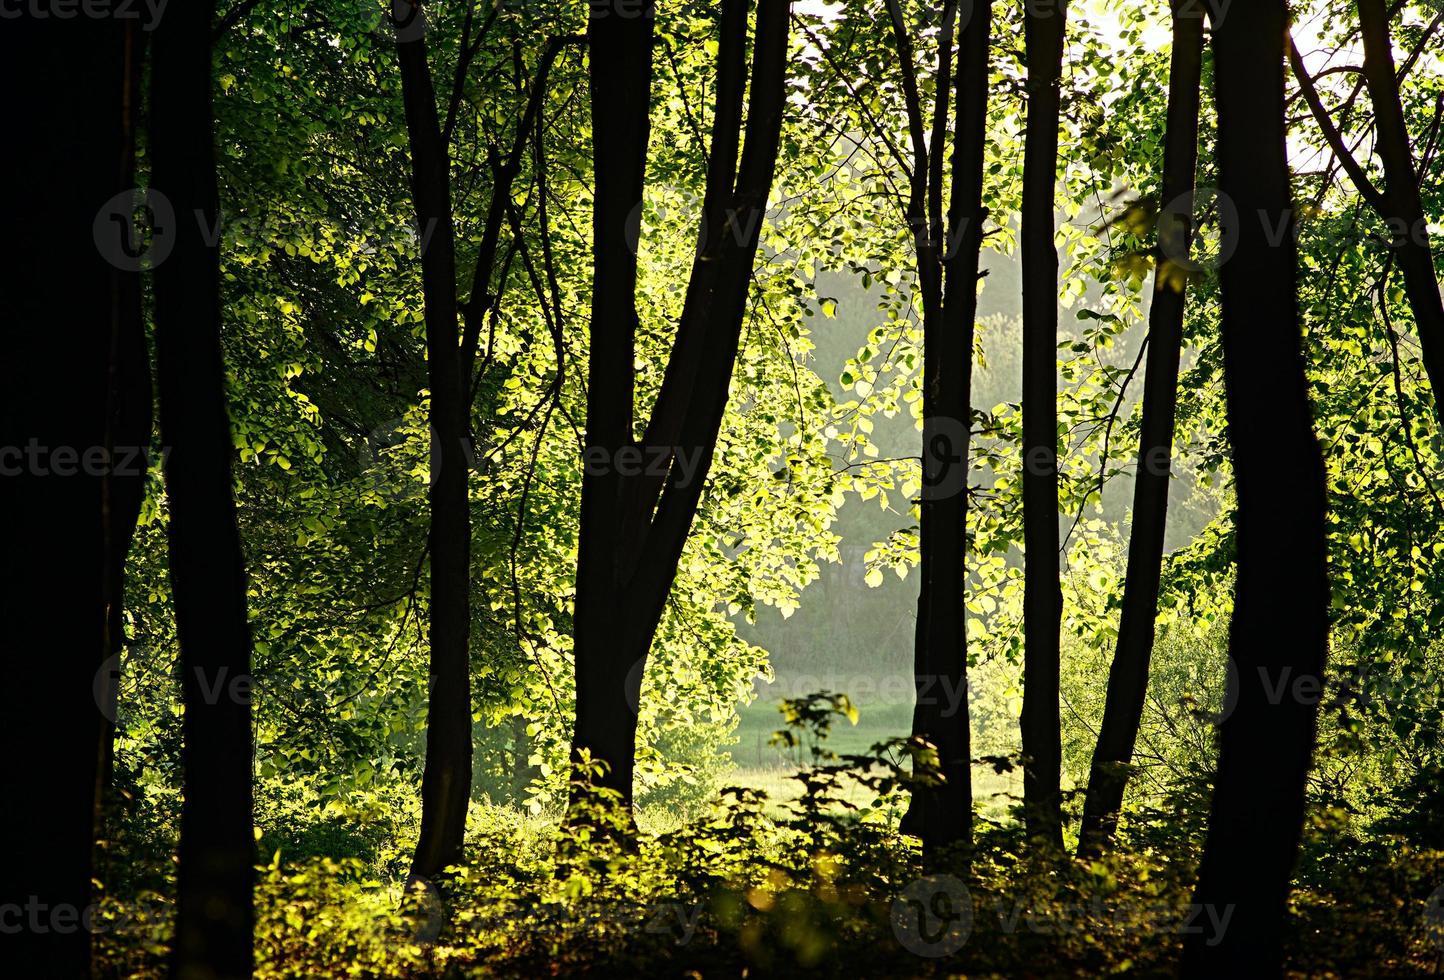 la luz del sol se filtra a través de los árboles en el bosque foto